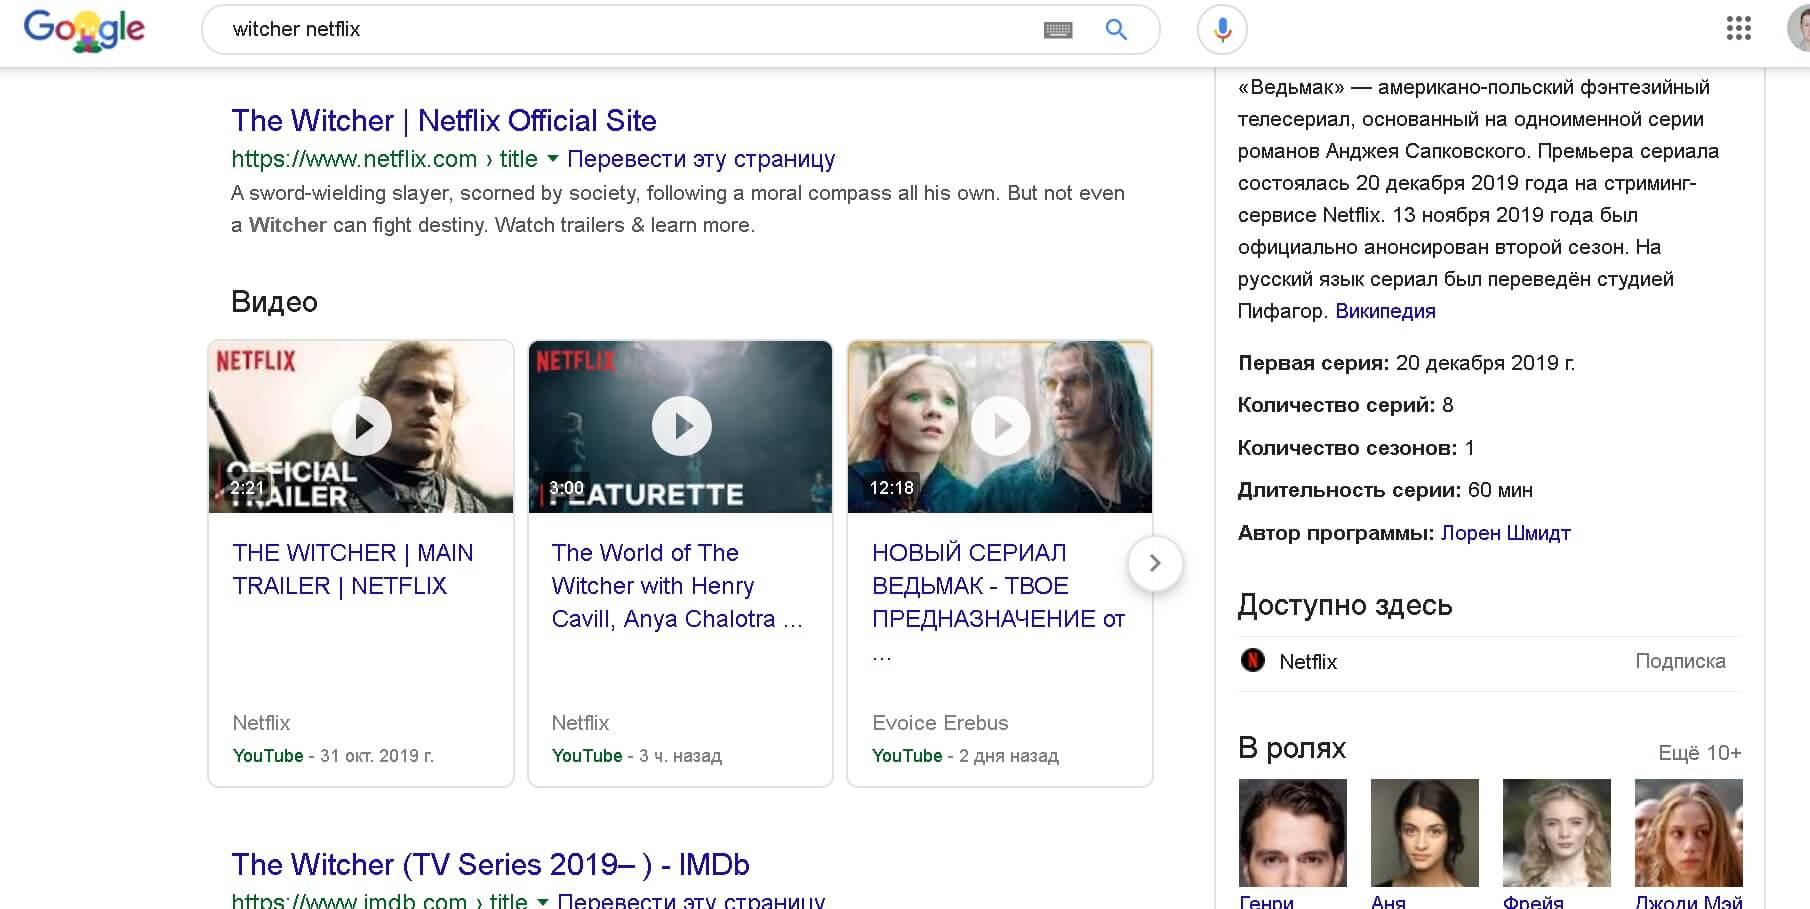 witcher 2 noclick google - В июне 2019 доля no-click запросов к Google впервые превысила 50%